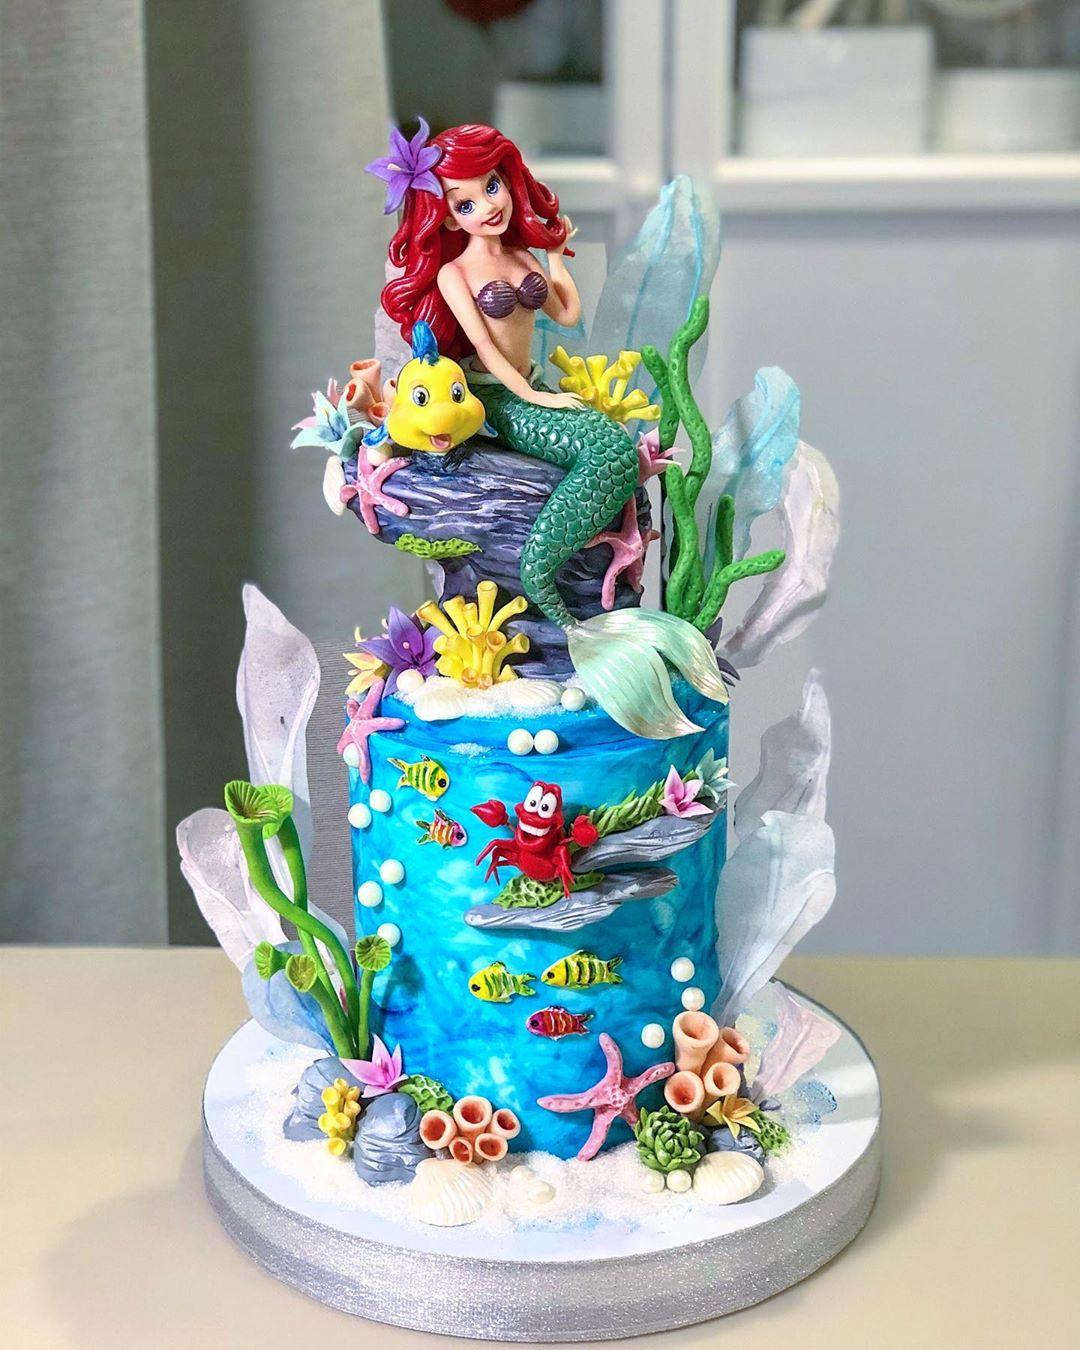 Você teria coragem de destruir esse bolo para comê-lo? (Fonte: Instagram/Reprodução)